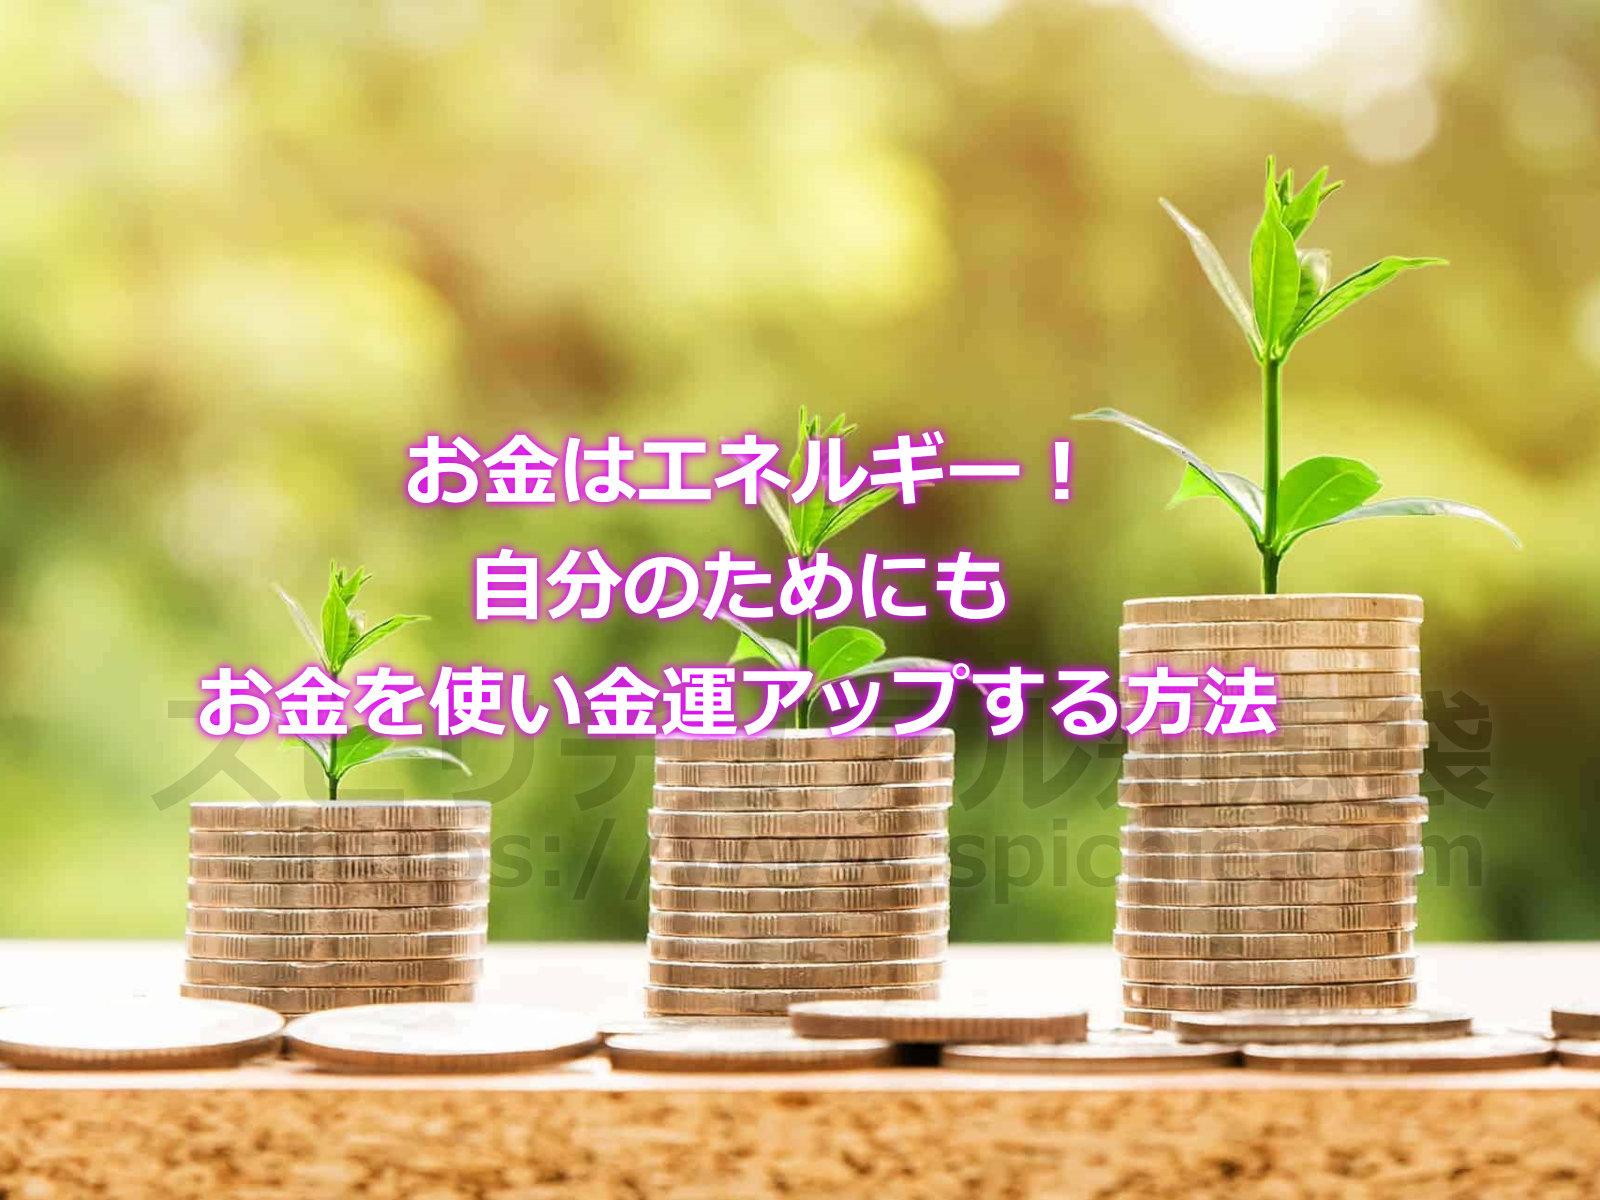 お金はエネルギー!自分のためにもお金を使い金運アップする方法のアイキャッチ画像